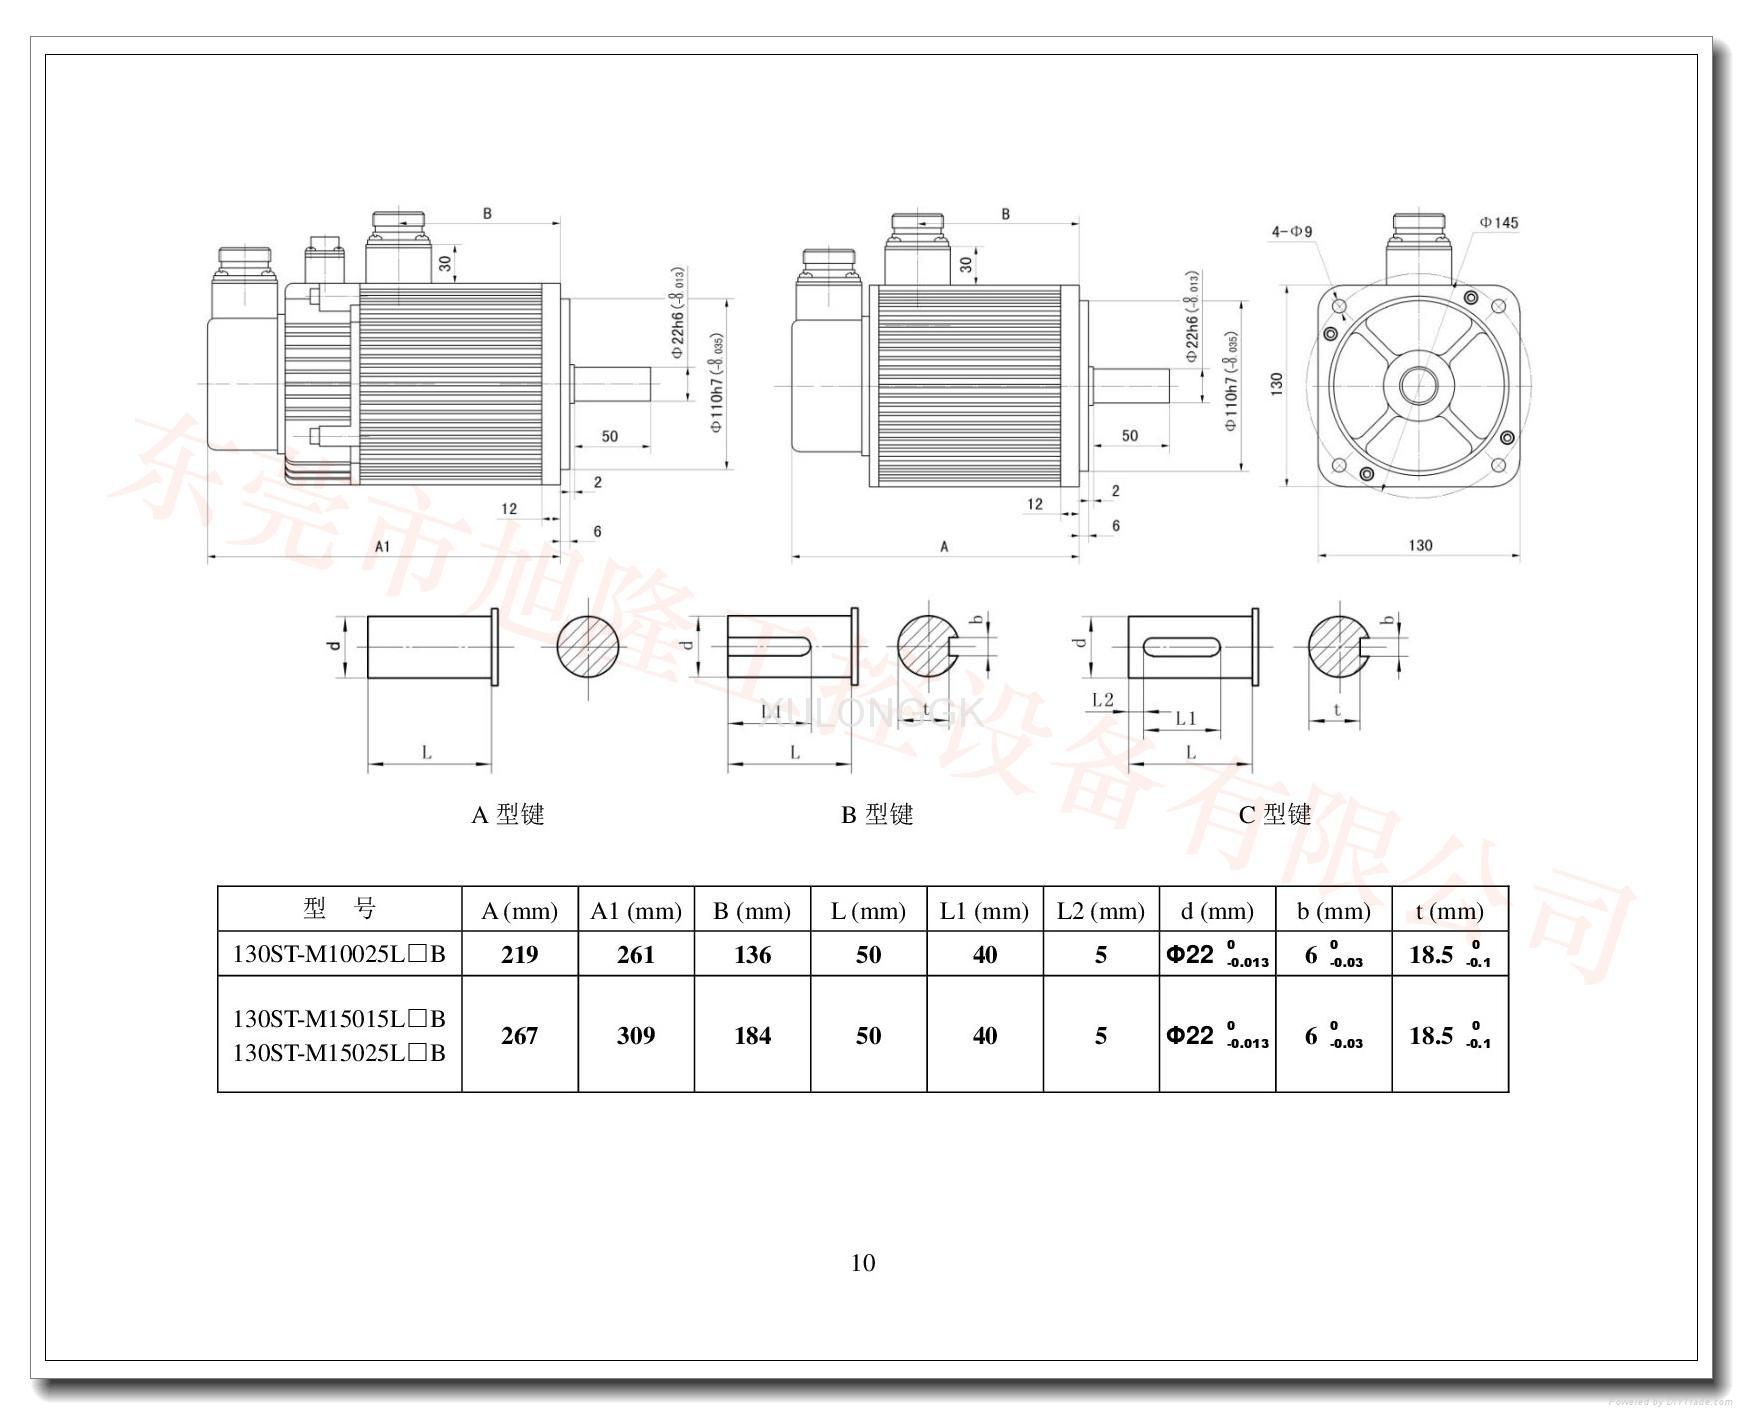 華大伺服馬達配K系列驅動130ST-M15015LFB 1.5kw 15N  220V 數控深孔鑽設備替安川用 4